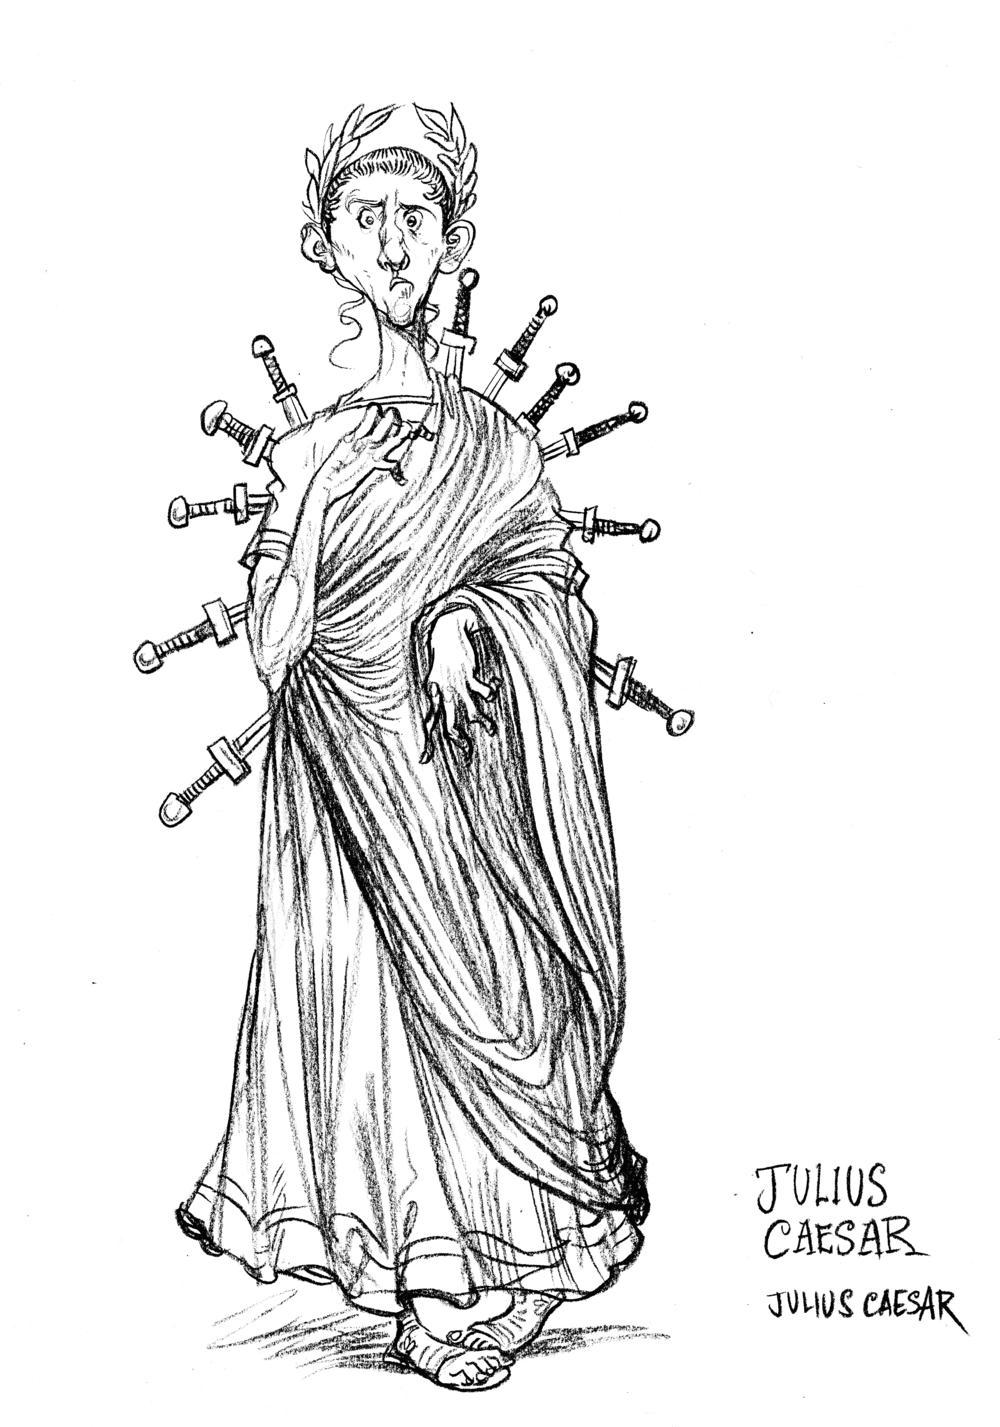 Chris-Riddell-Julius-Caesar.png